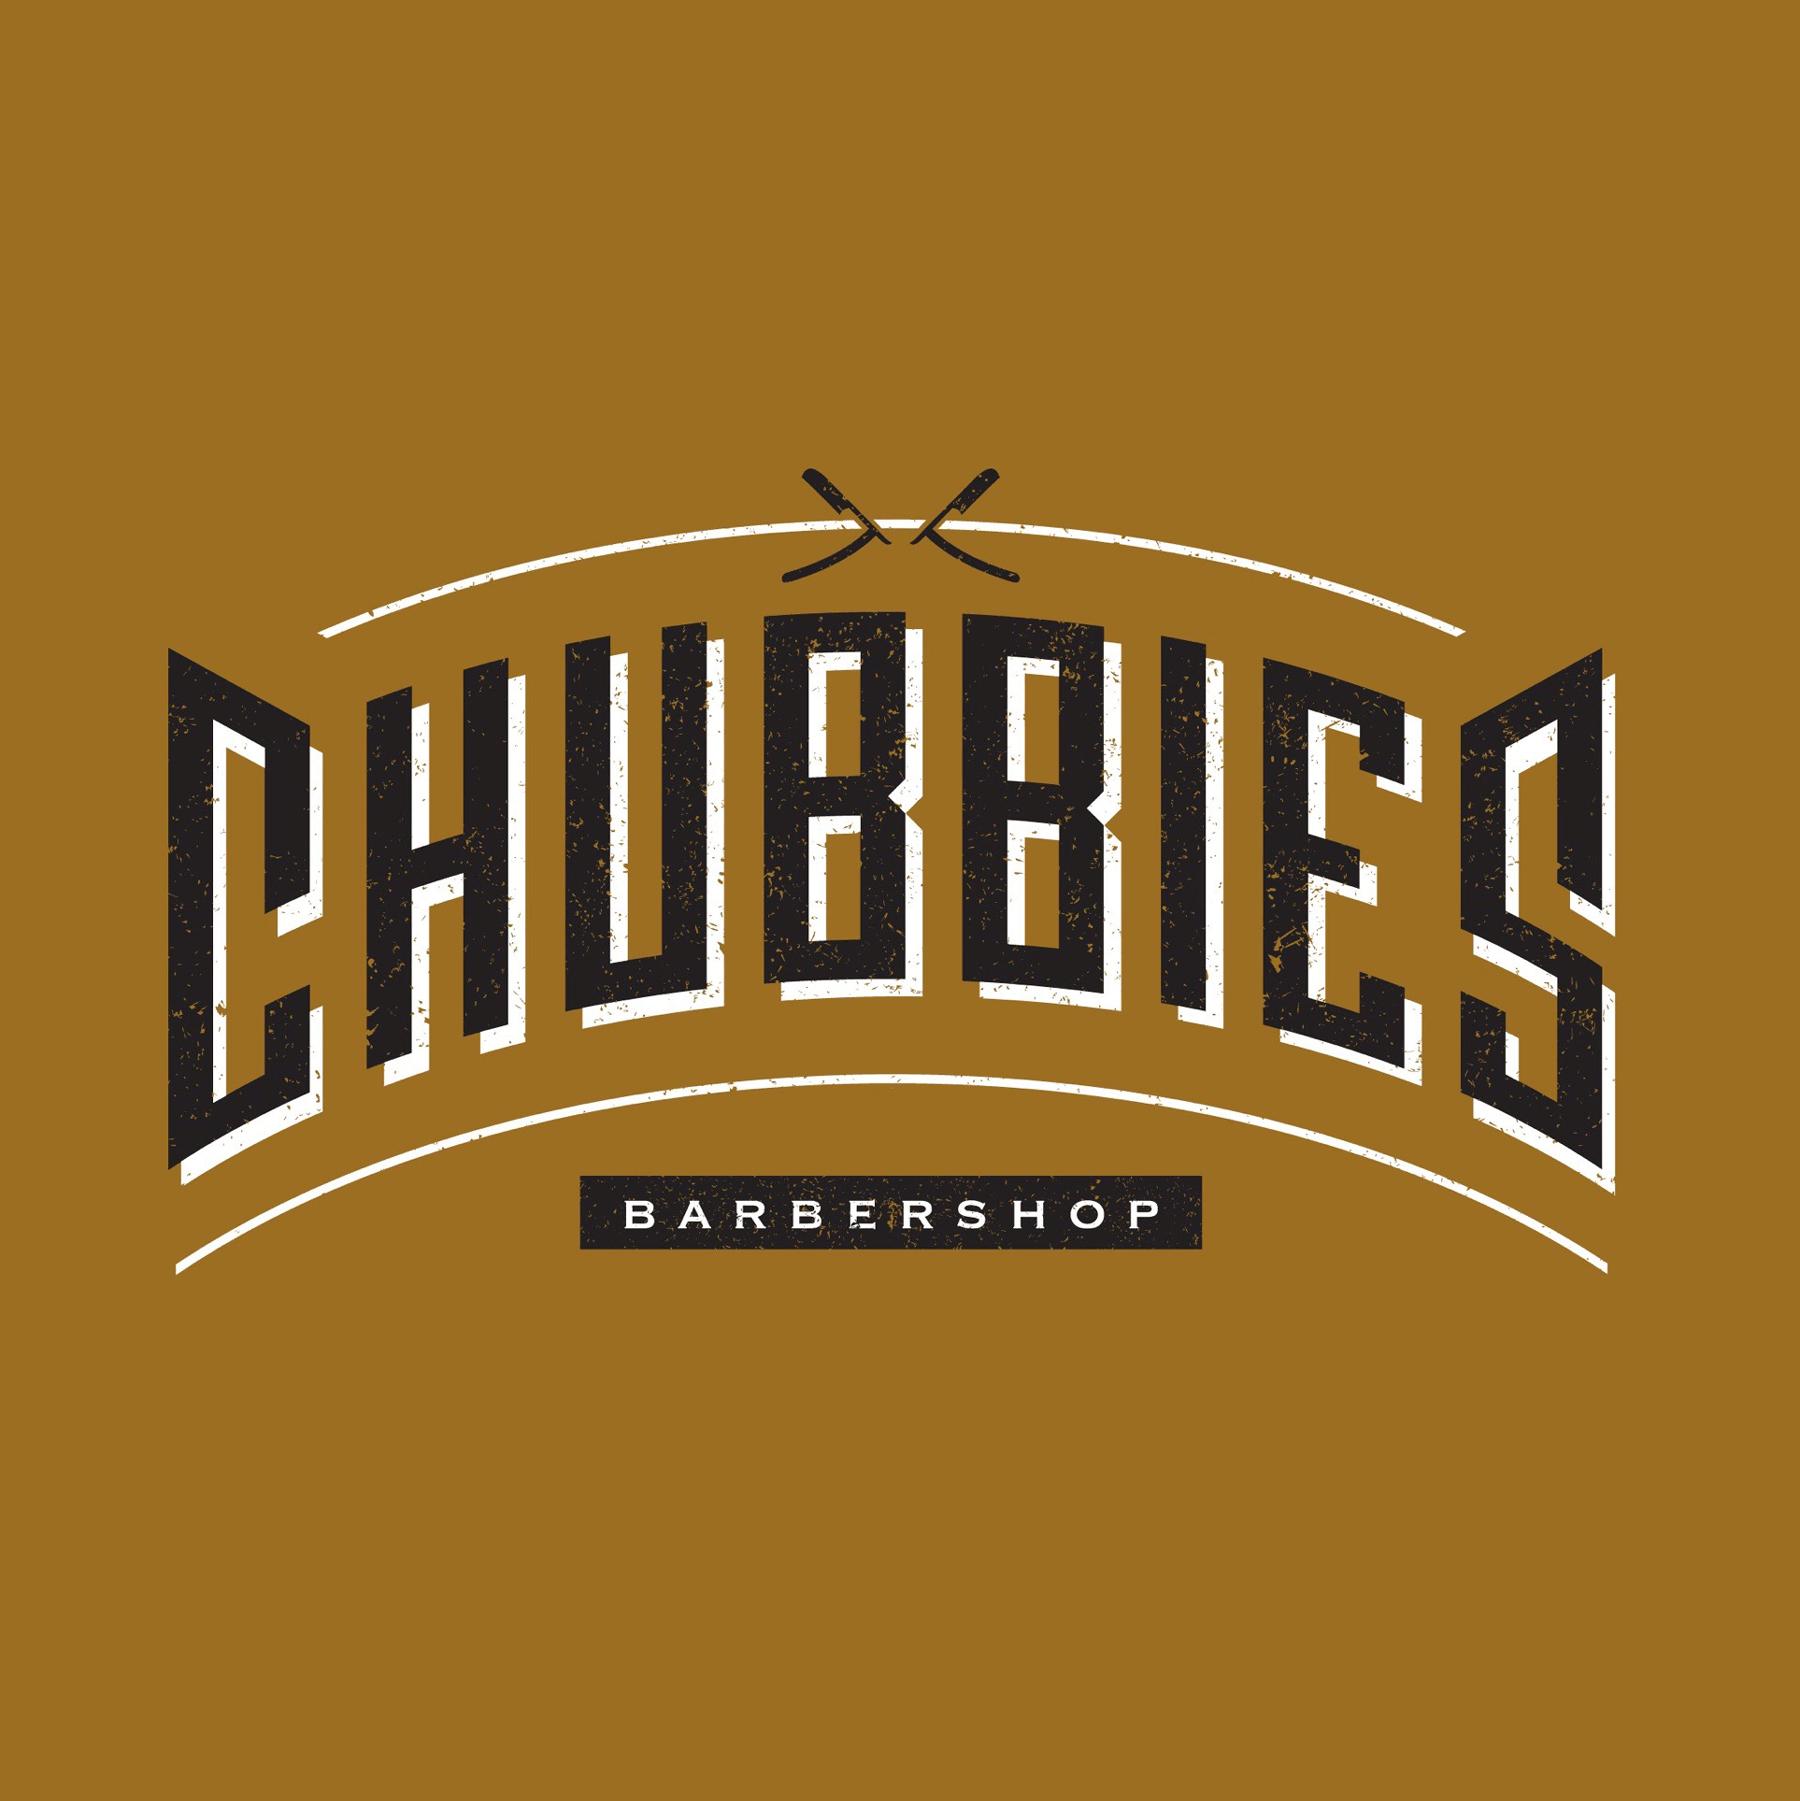 Chubbie's Barbershop logo